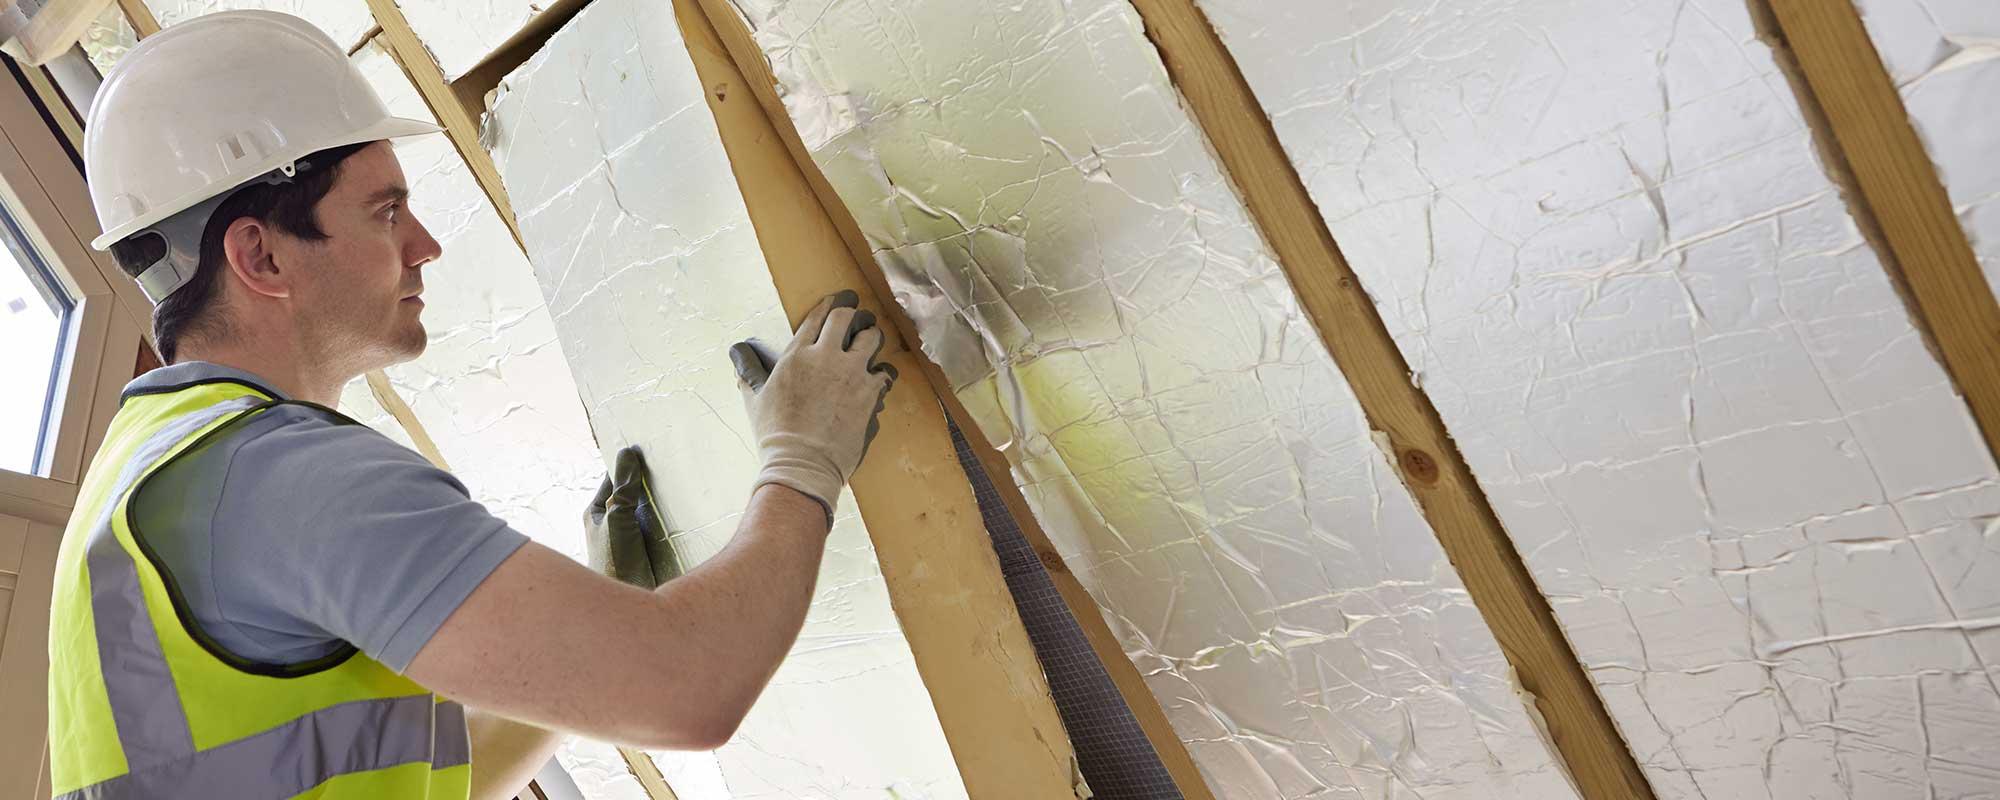 VerschilMakelaar dak isolatie